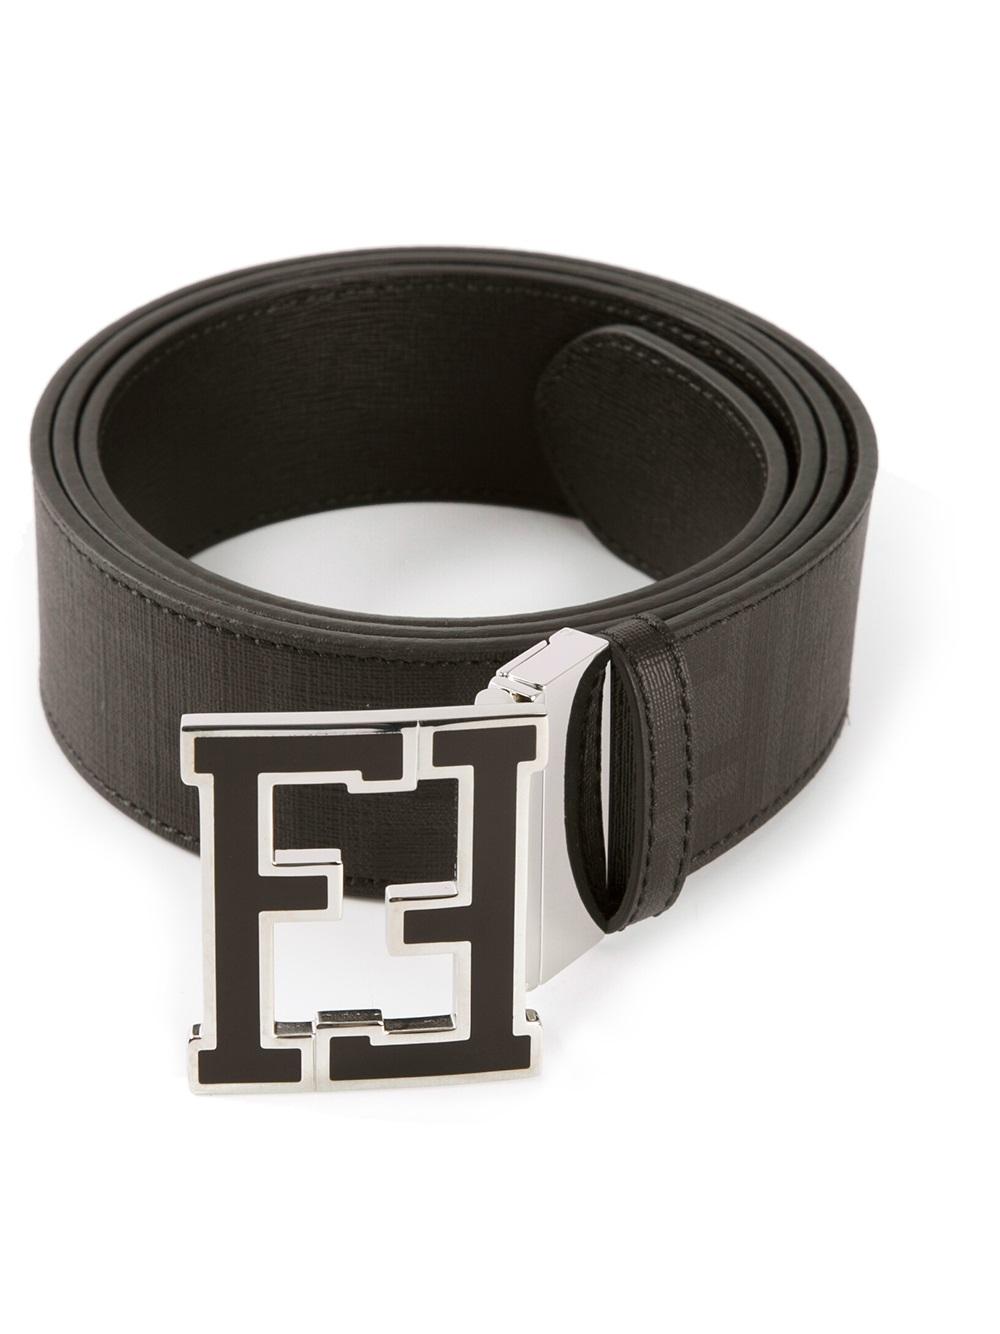 Fendi Branded Buckle Belt in Black for Men  d0ab9e17d3e01